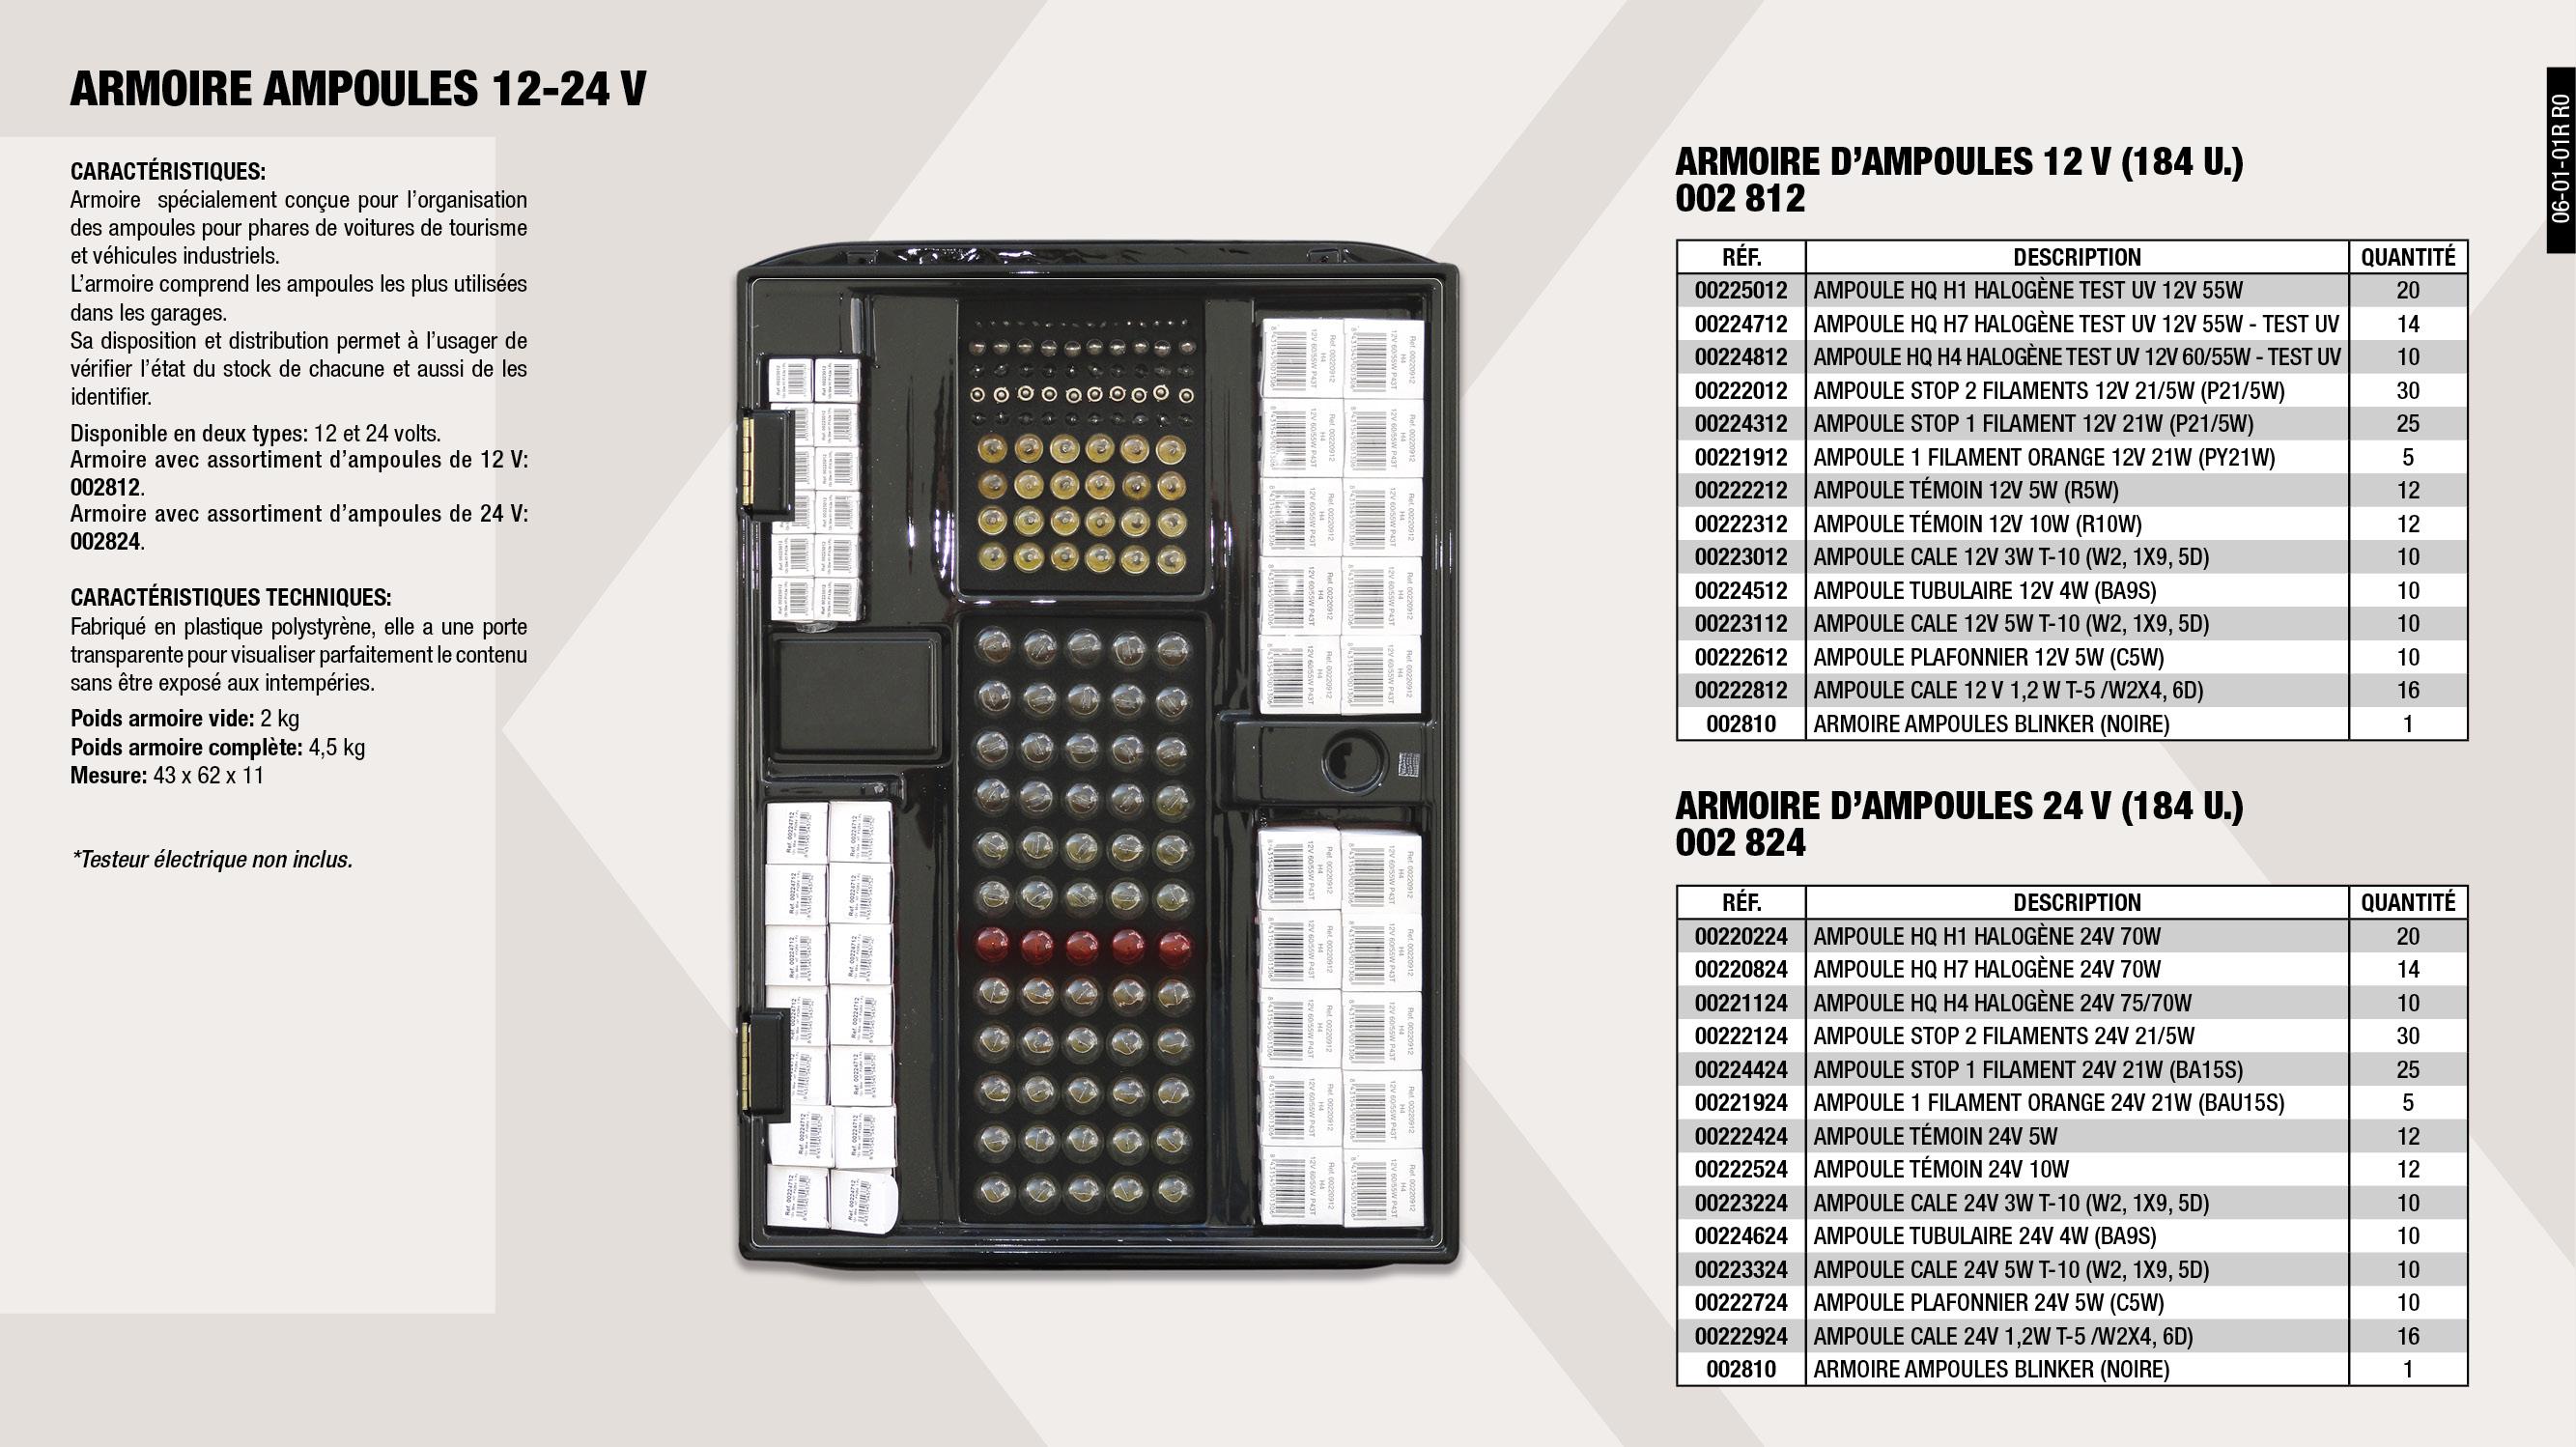 ARMOIRE AMPOULES WAHLEN BLACK 12V                           ,  AMPOULE HQ H7 HALOGENE 12V 55W TEST UV                      ,  ARMOIRE AMPOULES WAHLEN BLACK 24V                           ,  AMPOULE A CALER 12V 5W                                      ,  AMPOULE TUBULAIRE 24V 4W                                    ,  AMPOULE A CALER 24V 1,2W                                    ,  AMPOULE HQ H1 HALOGENE TEST UV 12V 55W                      ,  AMPOULE PLAFONNIER 12V 5W                                   ,  AMPOULE A CALER 24V 3W                                      ,  AMPOULE T/C HQ H1 HALOGENE 24V 70W                          ,  AMPOULE T/C HQ H4 HALOGENE 24V 75/70W                       ,  AMPOULE STOP 1 FILAMENT 12V 21W                             ,  AMPOULE STOP 1 FILAMENT 24V 21W                             ,  AMPOULE STOP 2 FILAMENT 24V 21/5W                           ,  AMPOULE A CALER 24V 5W                                      ,  AMPOULE PILOTE 12V 5W                                       ,  AMPOULE HQ H4 HALOGENE 12V 60W TEST UV                      ,  AMPOULE PILOTE 24V 5W                                       ,  ARMOIRE AMPOULES WAHLEN BLACK (VIDE)                        ,  AMPOULE PILOTE 12V 10W                                      ,  AMPOULE PLAFONNIER 24V 5W                                   ,  AMPOULE A CALER 12V 3W                                      ,  AMPOULE T/C HQ H7 HALOGENE 24V 70W                          ,  AMPOULE STOP 1 FILAMENT AMBAR 12V 21/21W                    ,  AMPOULE STOP 2 FILAMENT 12V 21/5W                           ,  AMPOULE 1 FILAMENT AMBRE 24V 21 W                           ,  AMPOULE A CALER 12V 1,2W                                    ,  AMPOULE TUBULAIRE 12V 4W                                    ,